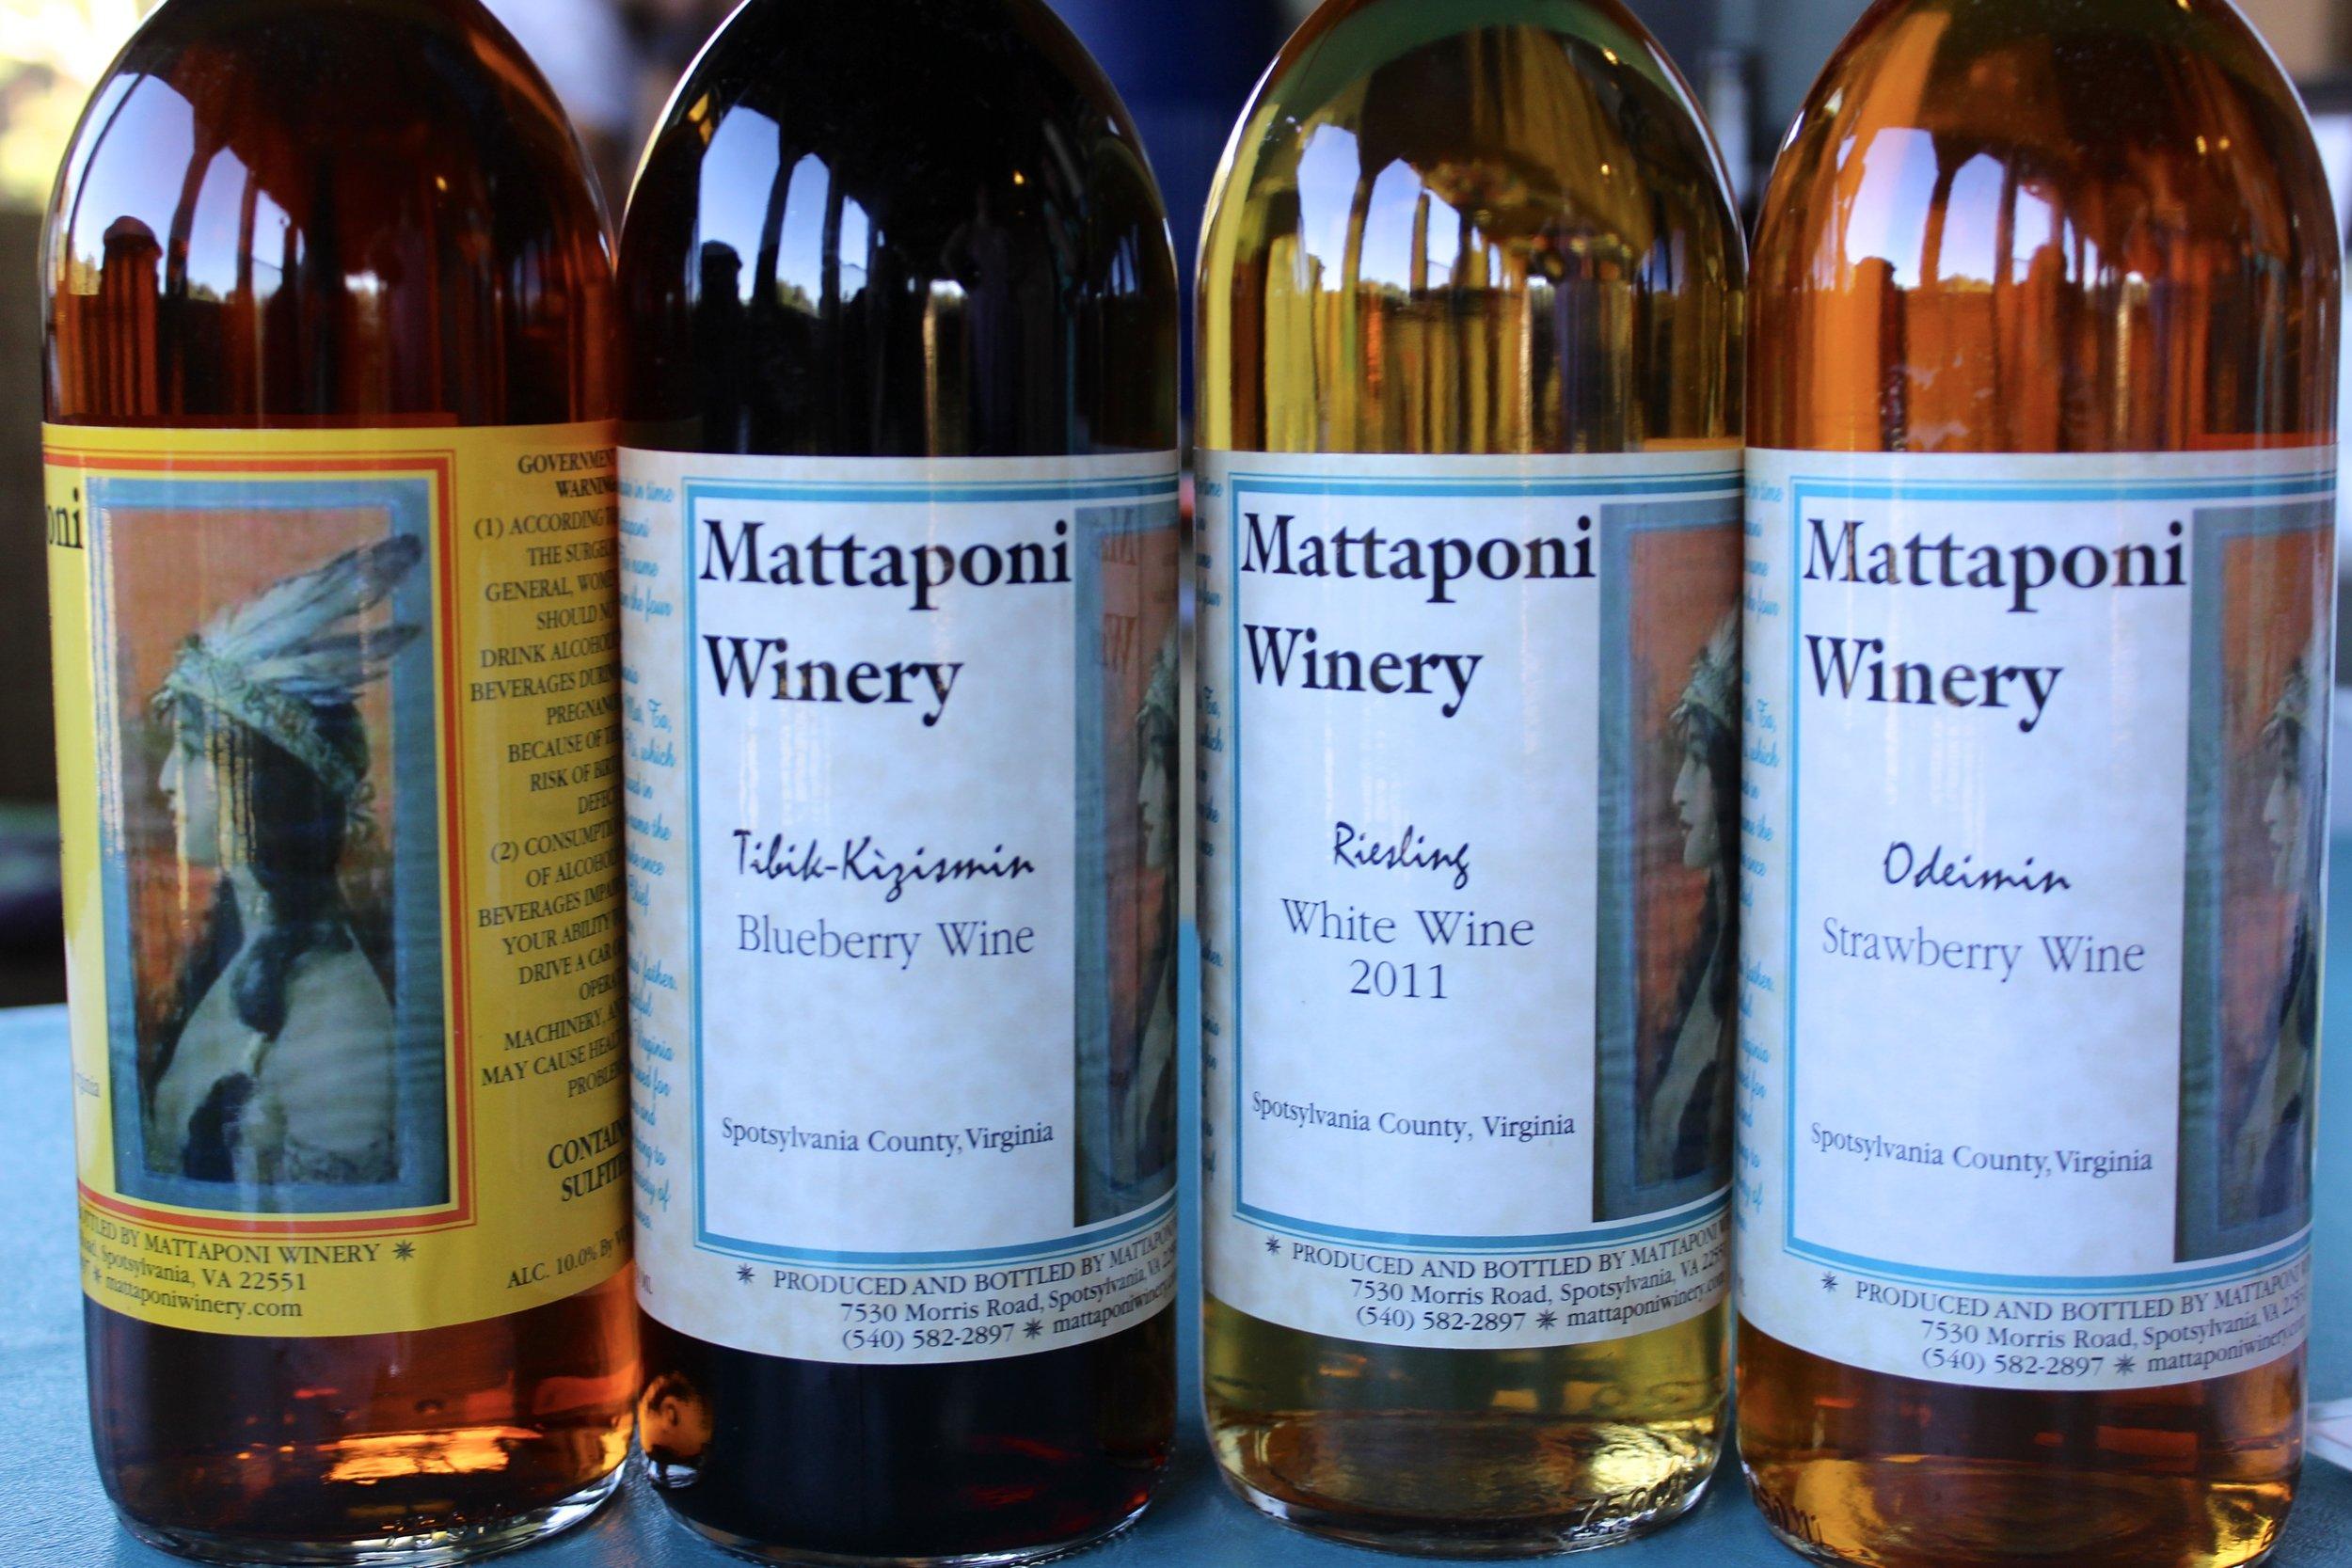 Mattaponi Winery